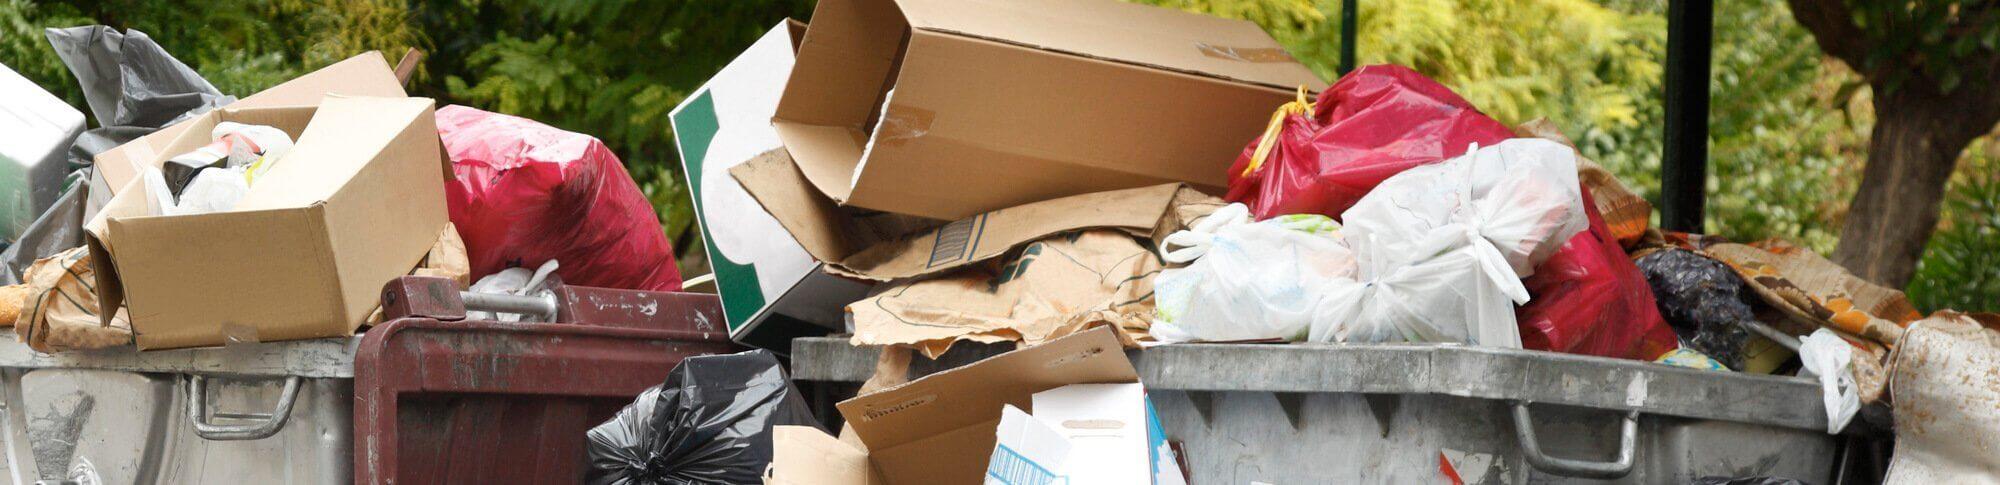 surviving a waste audit part 2 | max-r blog